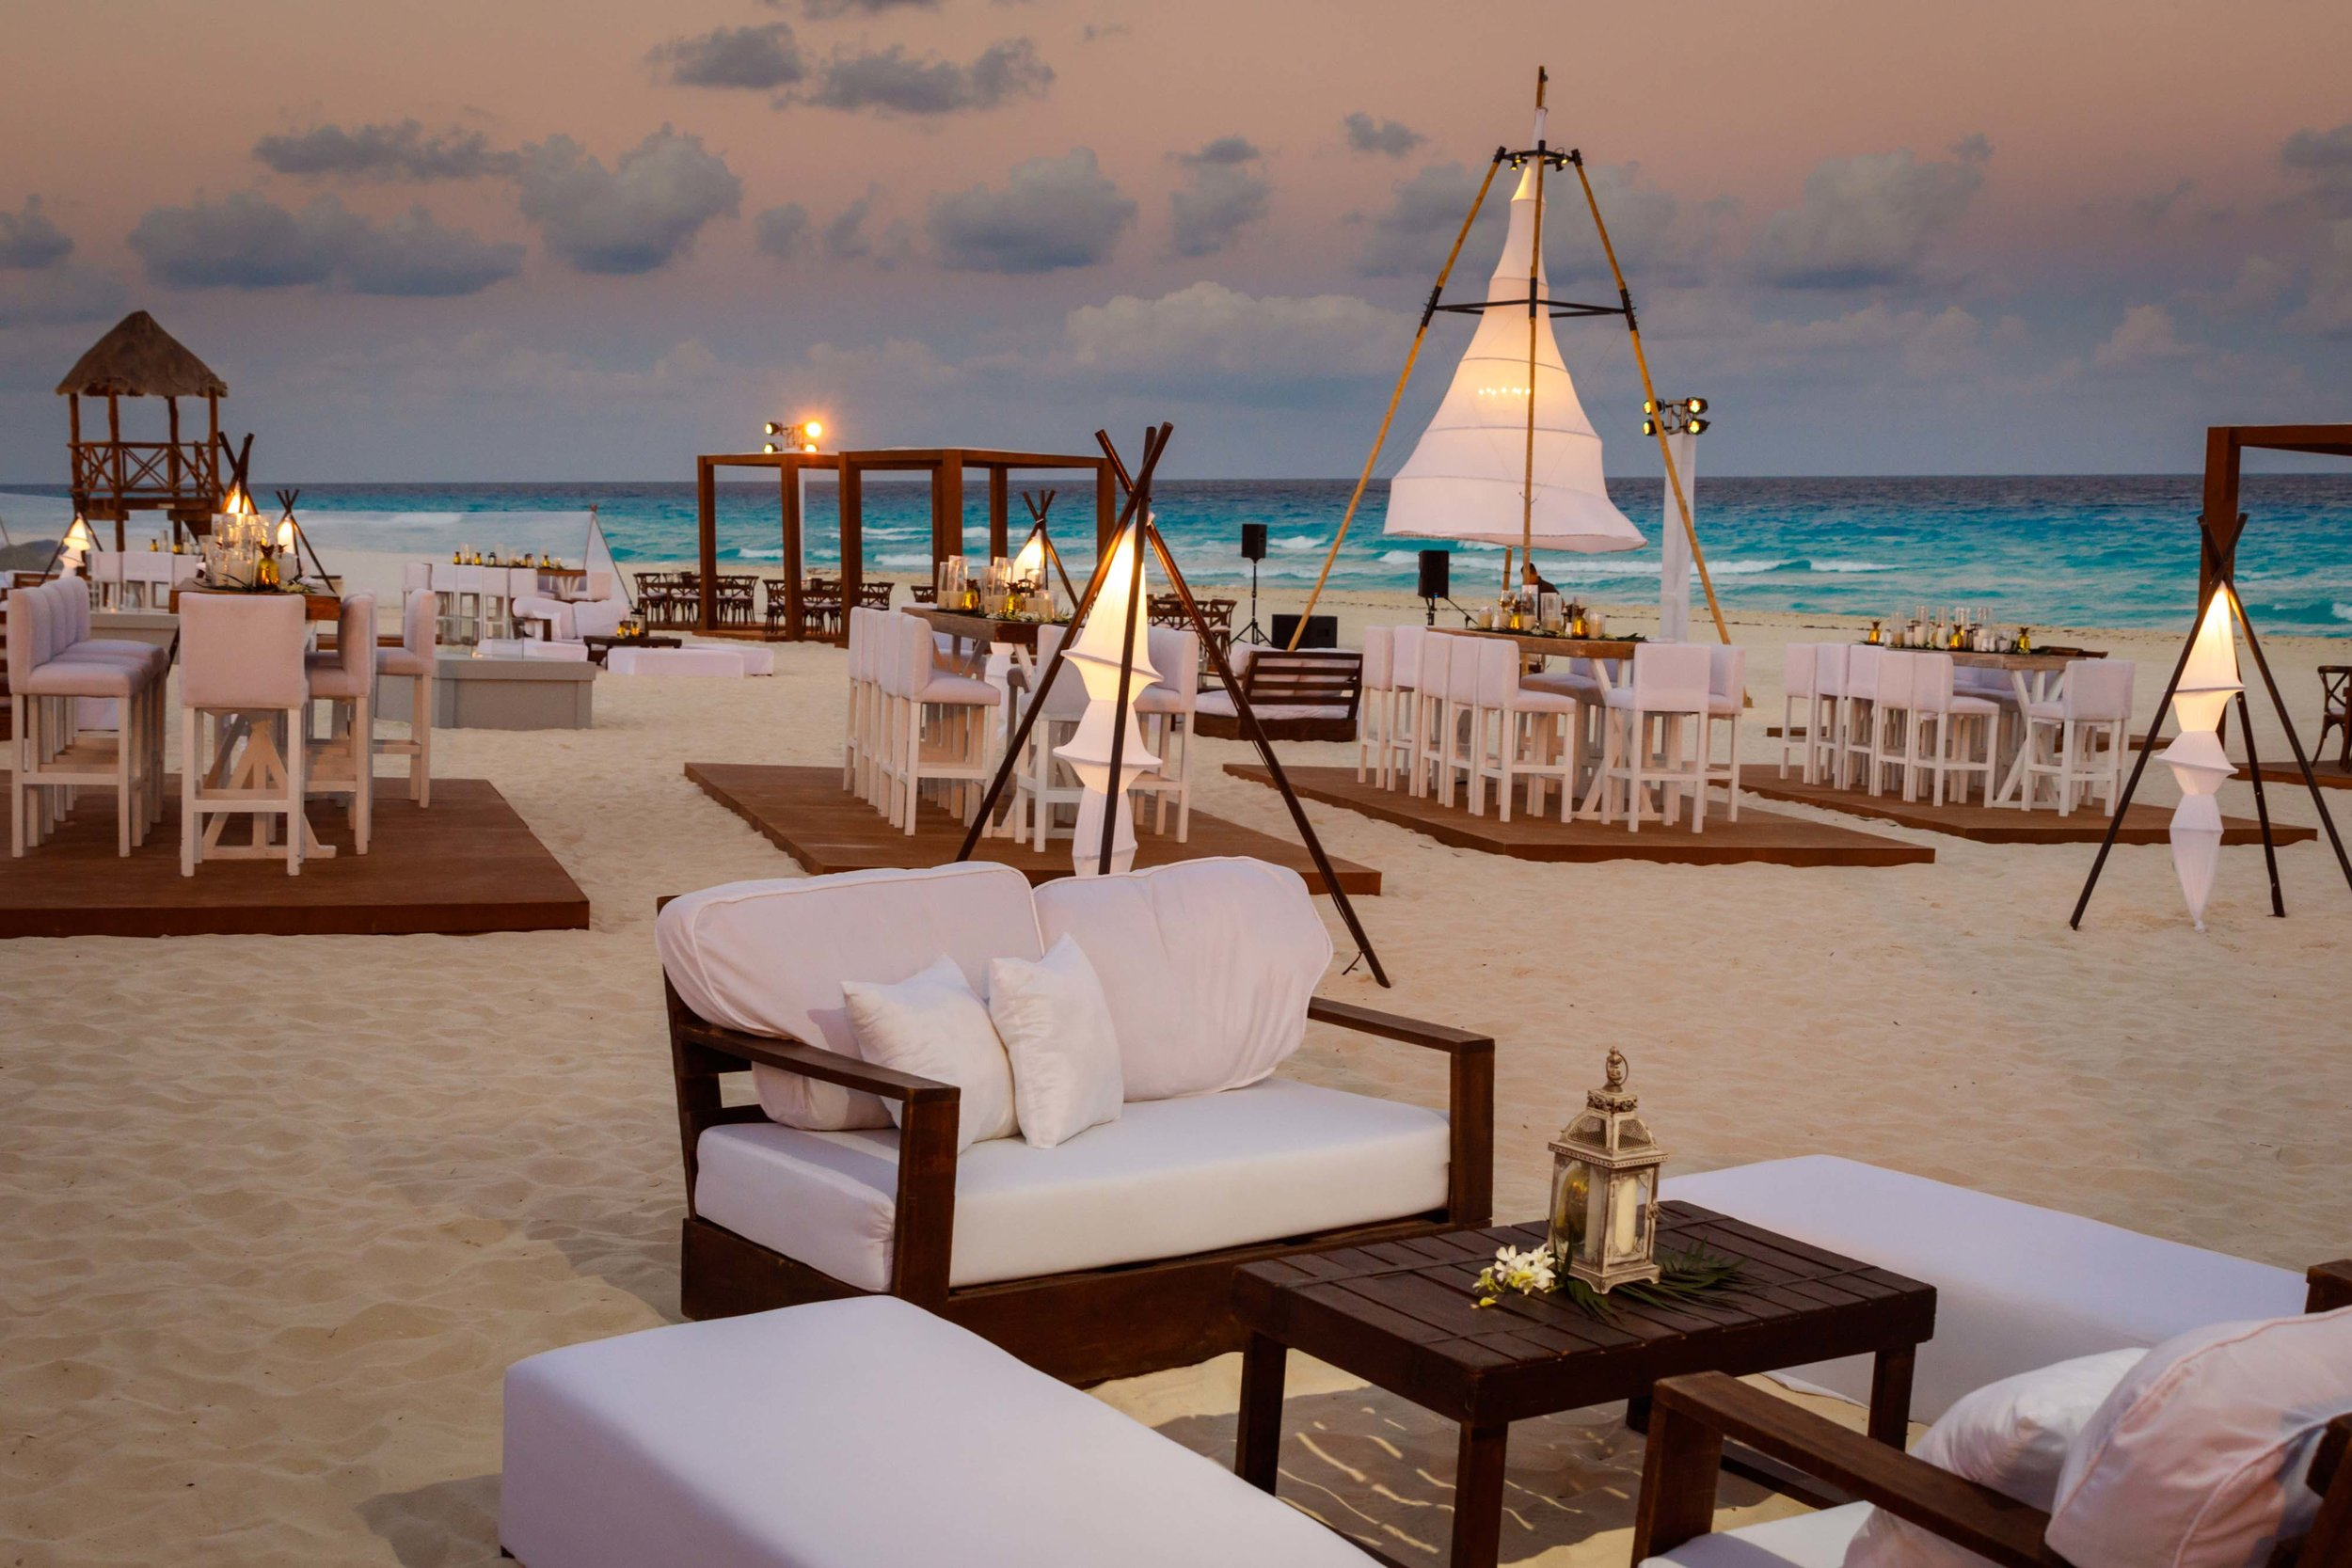 Cancun Beach Party -